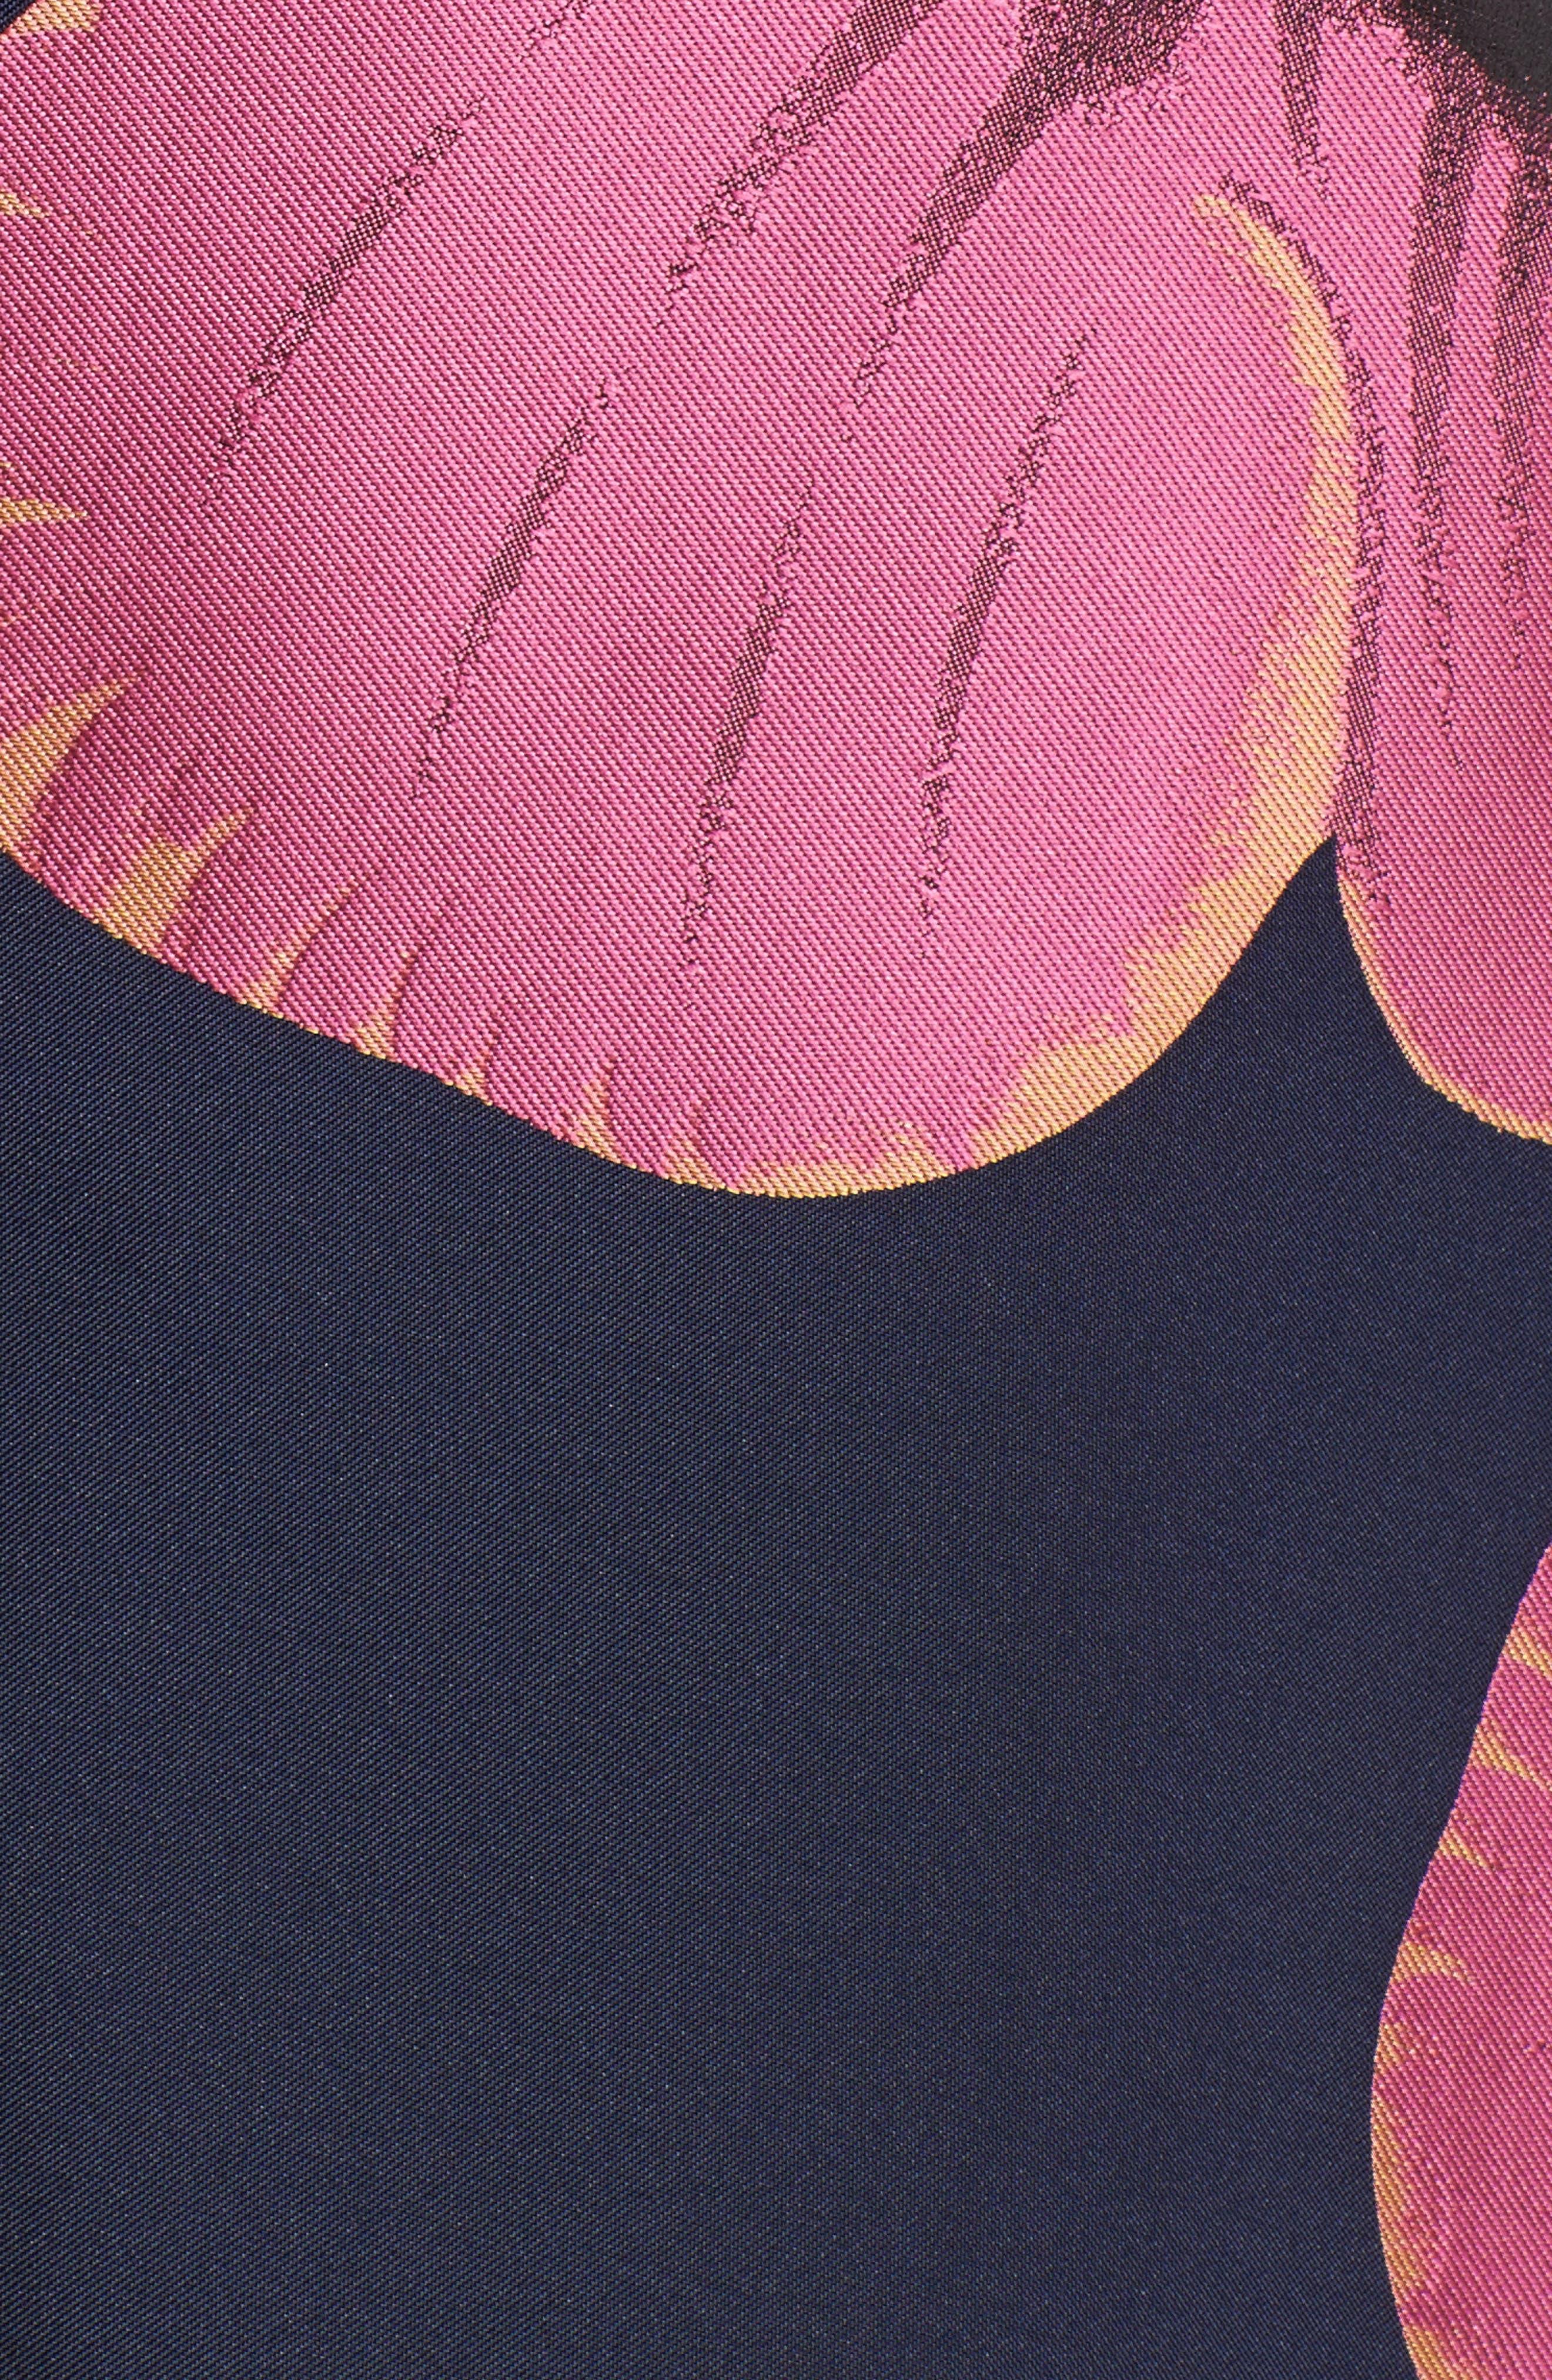 Serena Jacquard Midi Dress,                             Alternate thumbnail 5, color,                             464